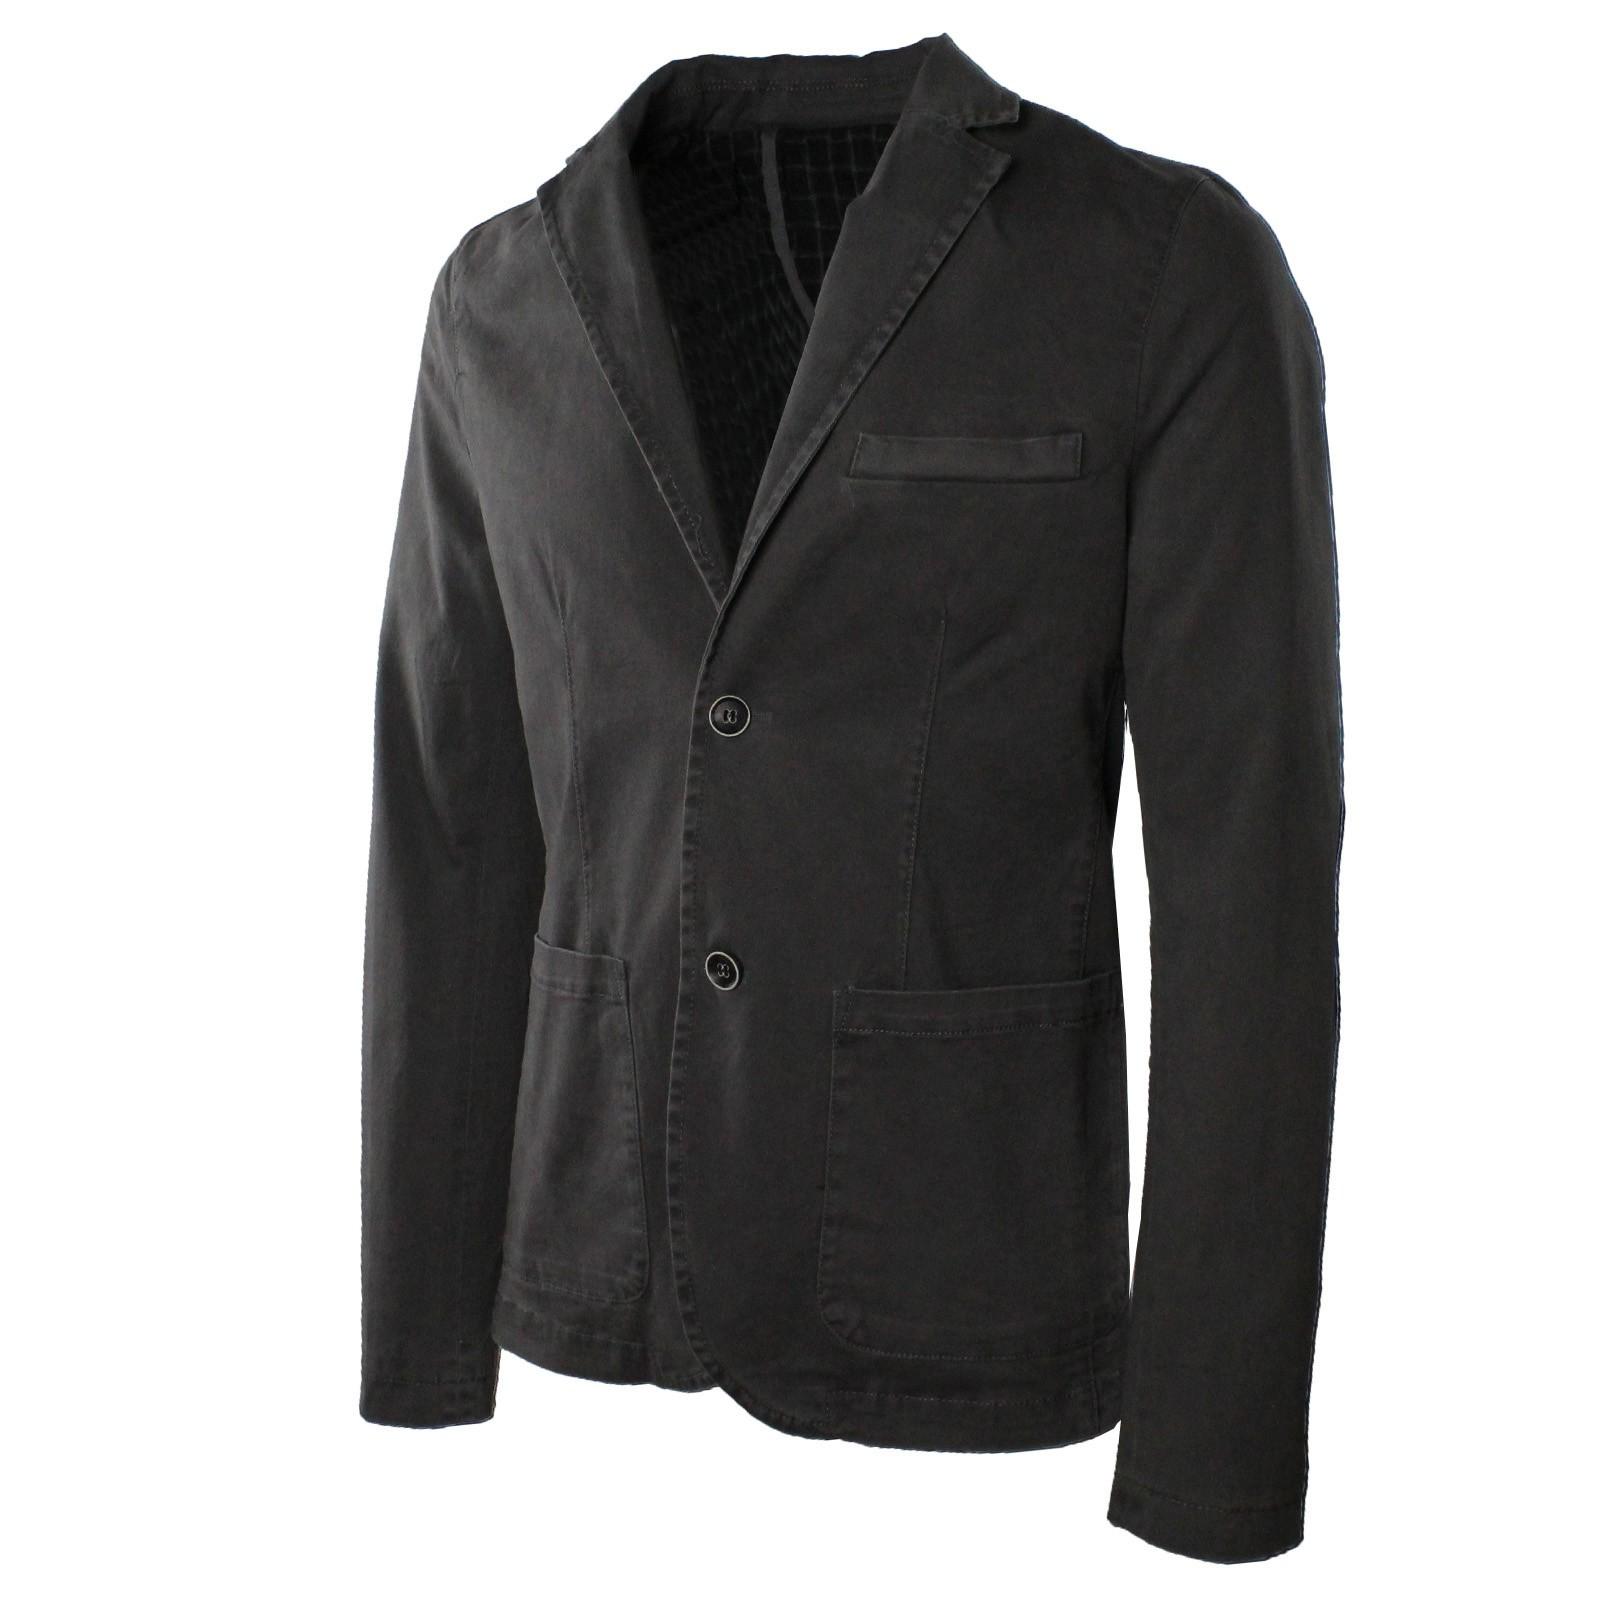 Giacca-Uomo-Elegante-Estiva-Slim-Fit-Blazer-in-Cotone-con-Toppe-Grigio-Sportiva miniatura 4